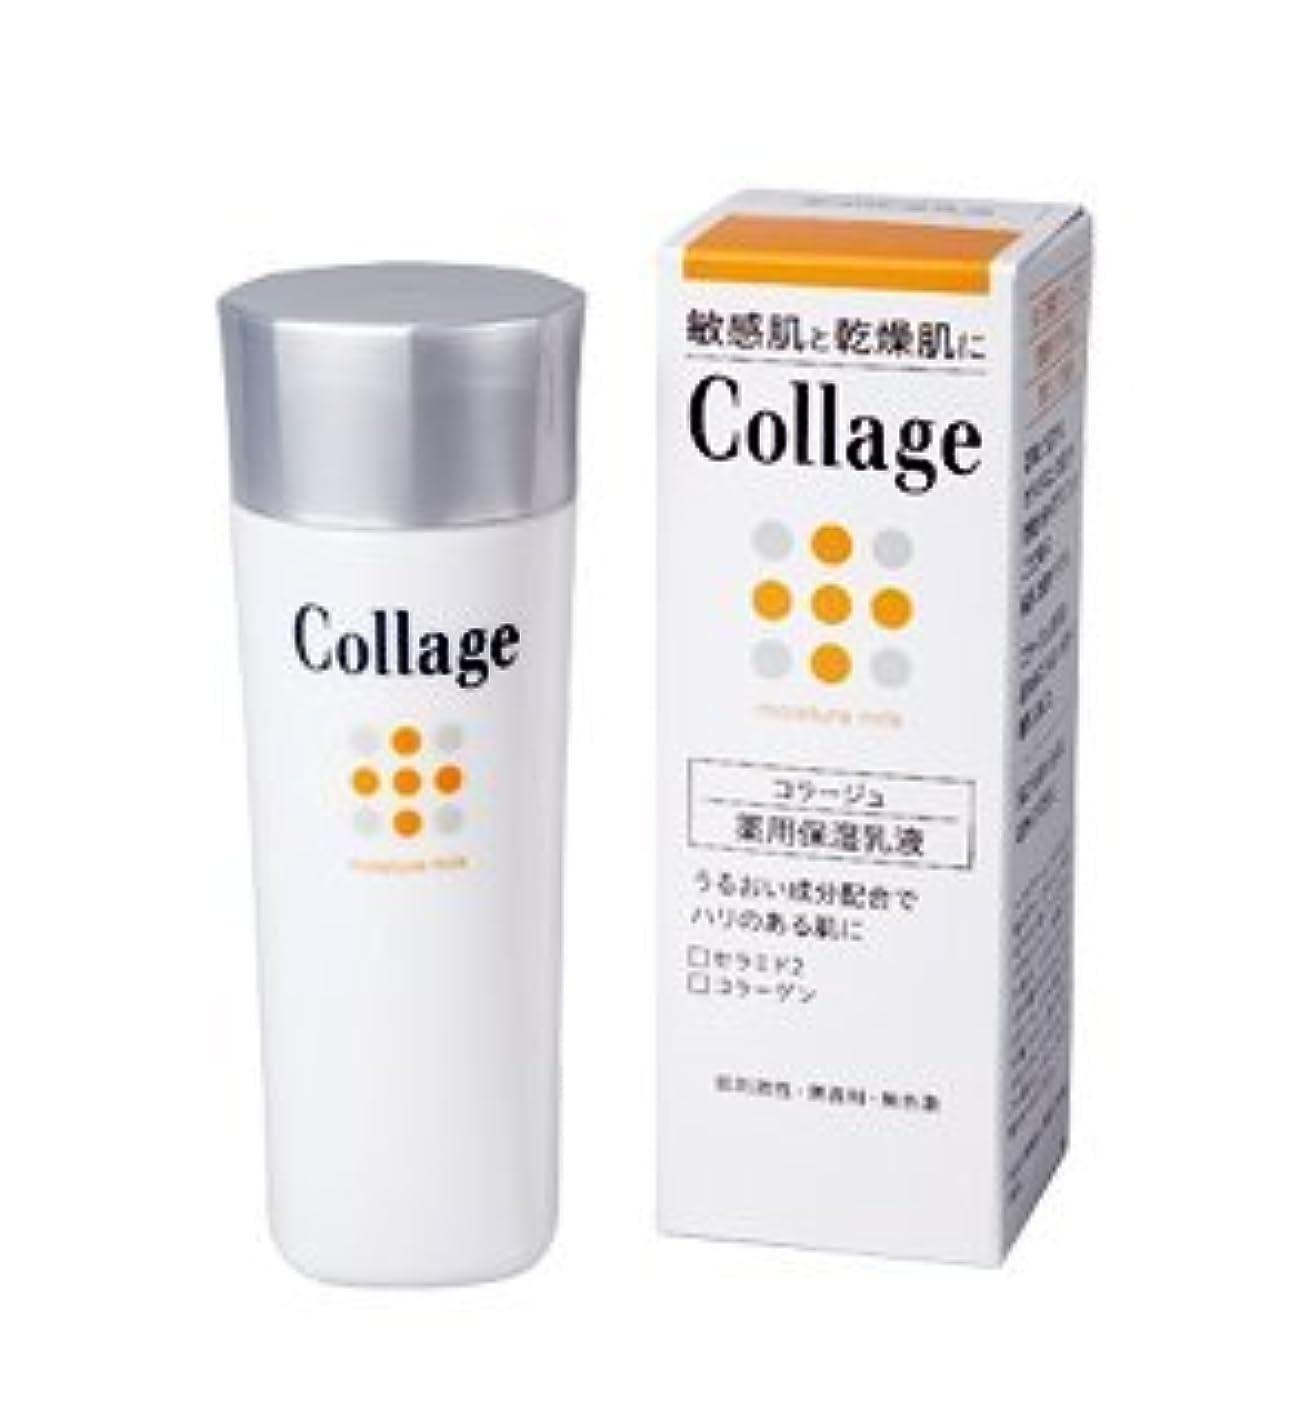 受賞ささいなギネス【持田ヘルスケア】 コラージュ薬用保湿乳液 80ml (医薬部外品) ×4個セット